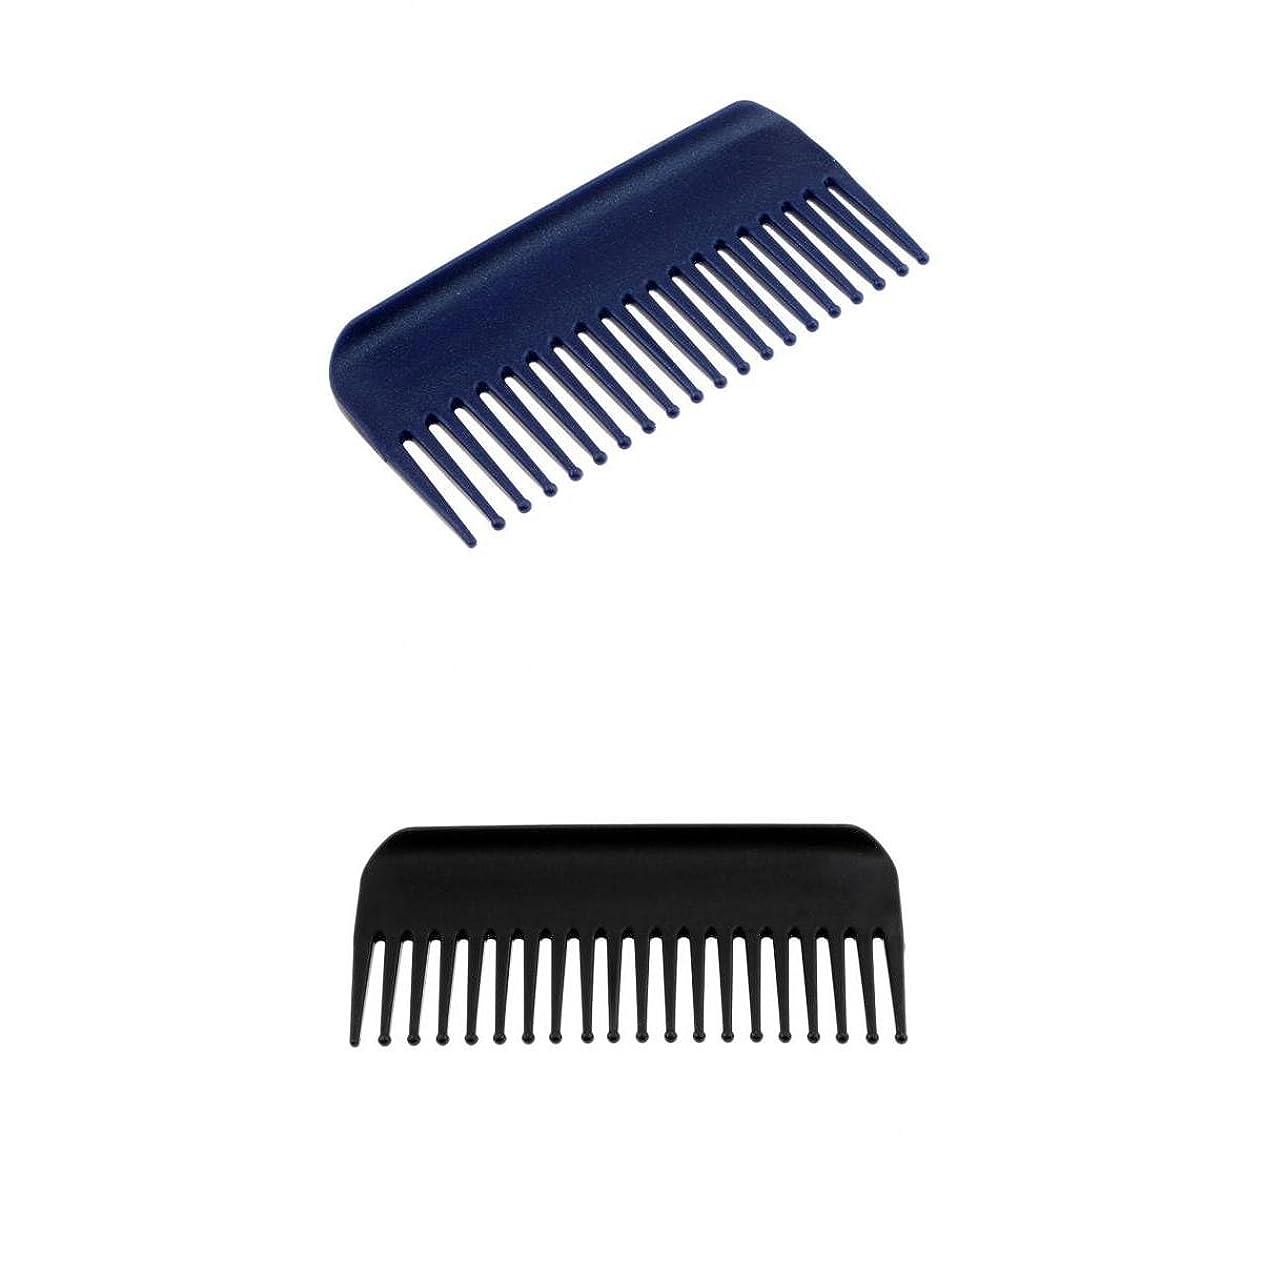 ティーンエイジャー雨香港2個19歯解くこと髪くしヘアコンディショニングレーキくしワイド歯ヘアブラシサロン理容ツール